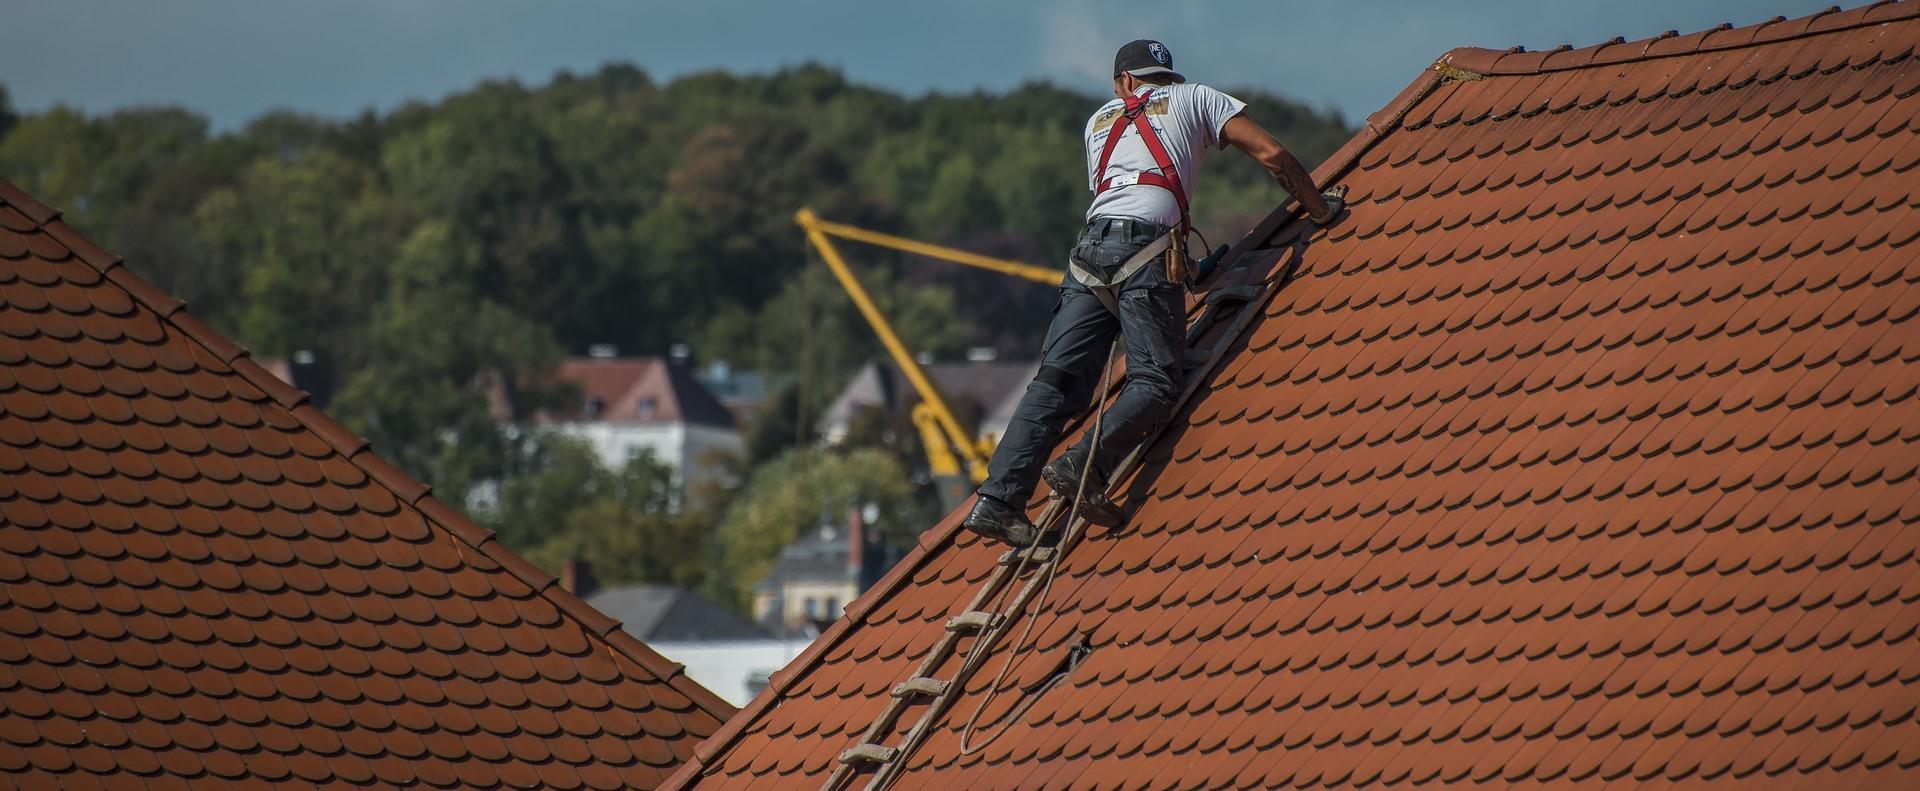 Tetőfedő szövetség: az országosnál is rosszabb a munkaerő utánpótlás a szakmáikban